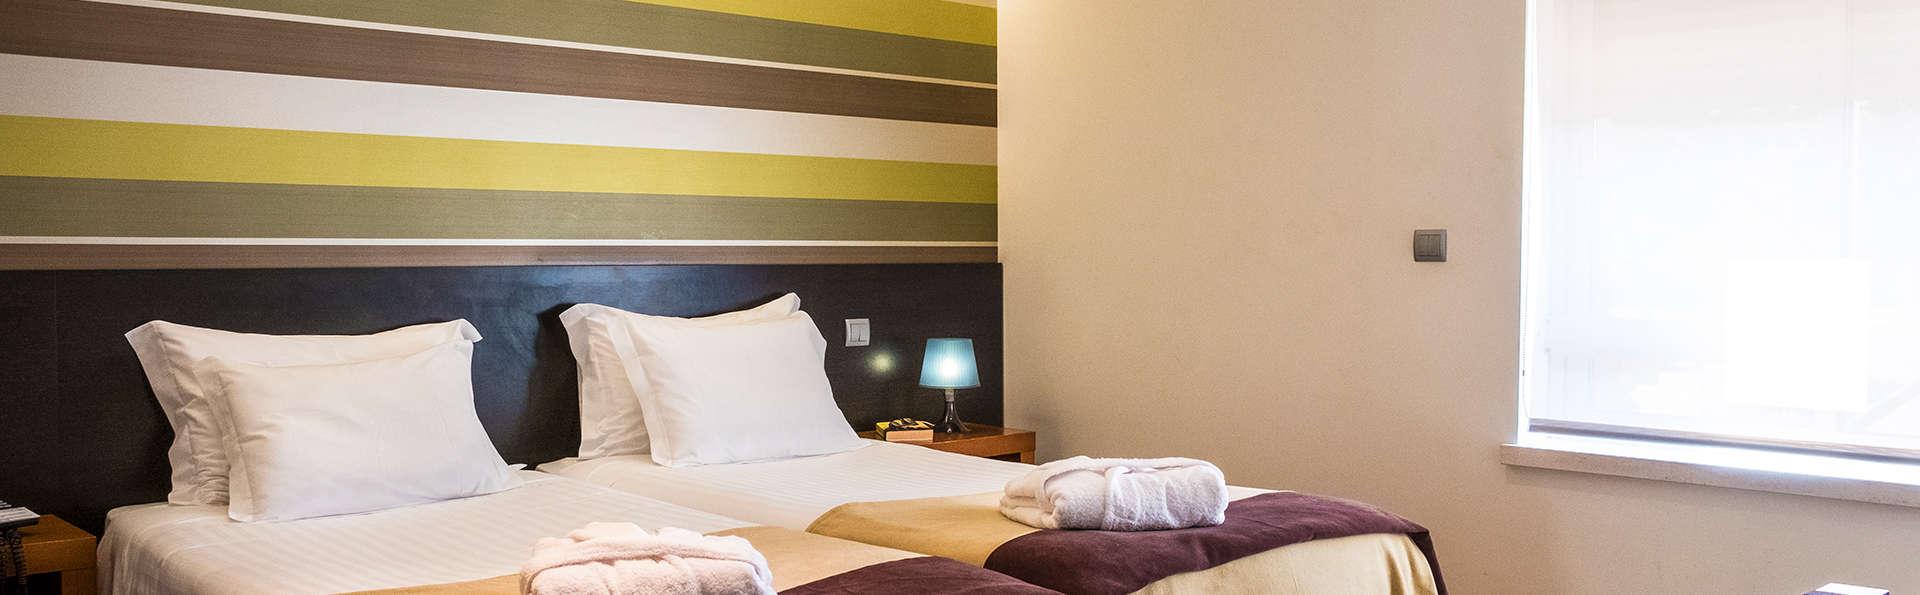 Escapada a Fátima con desayuno, detalle de bienvenida y salida tardía en un hotel 3*